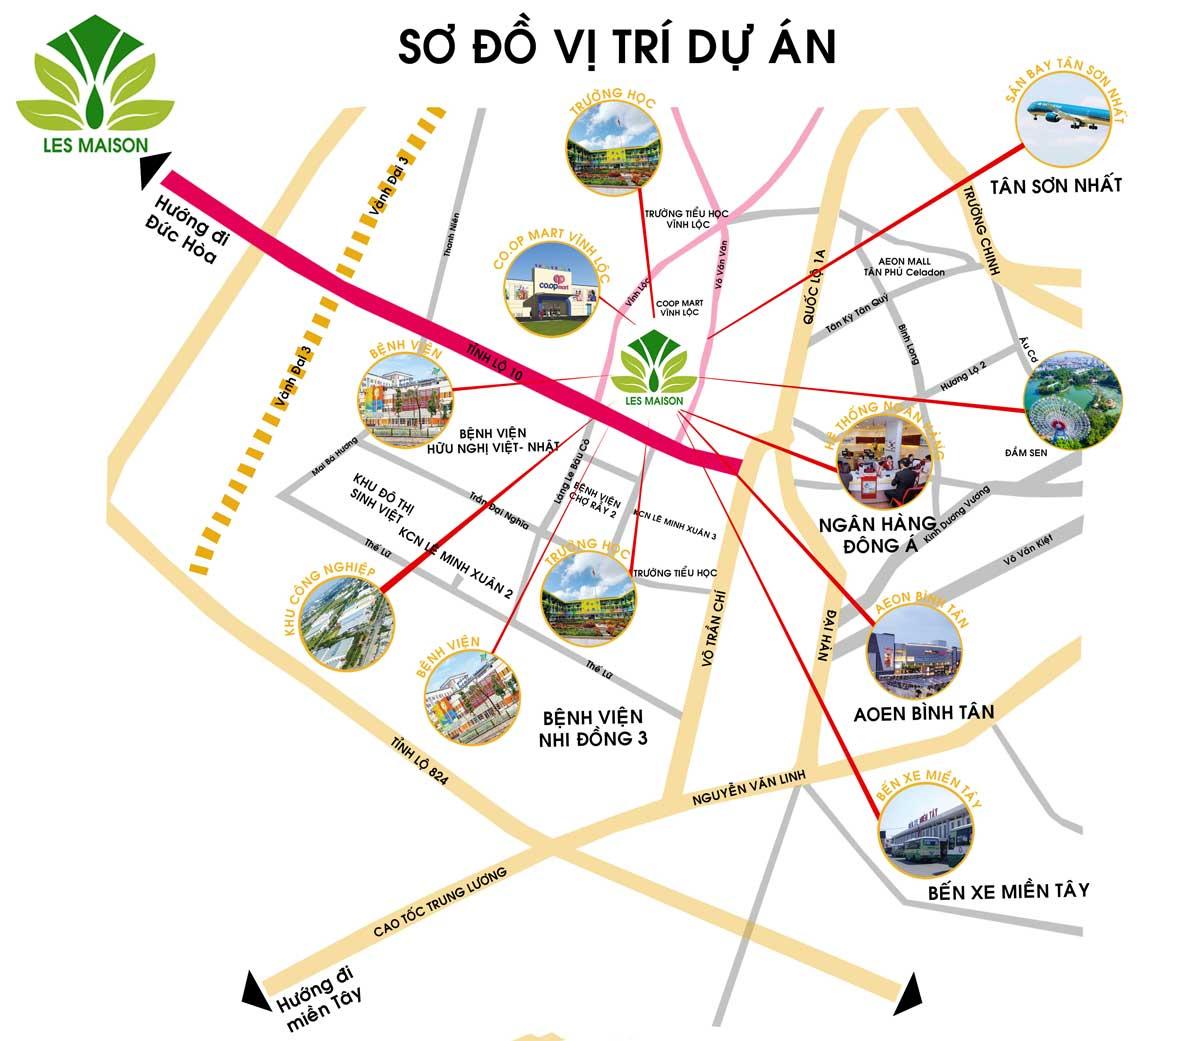 Vi tri Du an KDC Les Maison Binh Chanh - Vị-trí-Dự-án-KDC-Les-Maison-Bình-Chánh